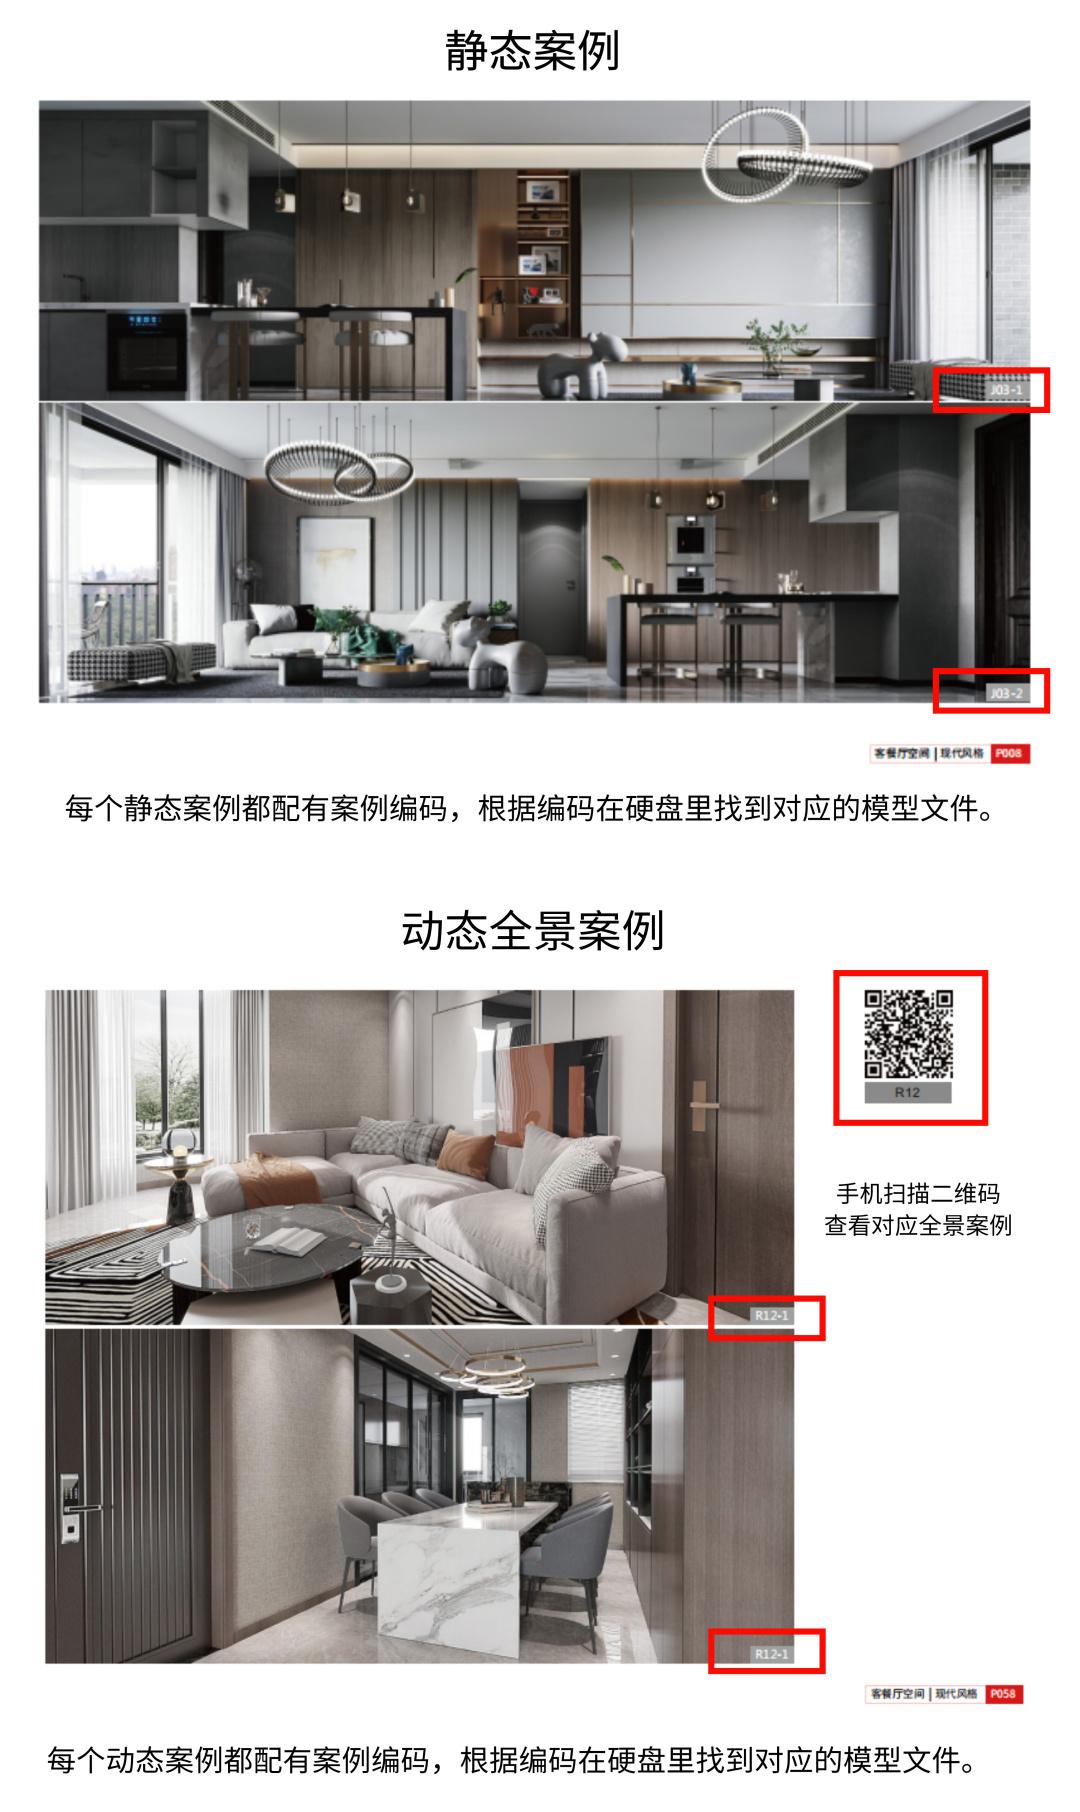 《最新建E模型效果图大全》——660套案例+模型,135套工装案例+525套家装案例,静态、动态效果图案例结合